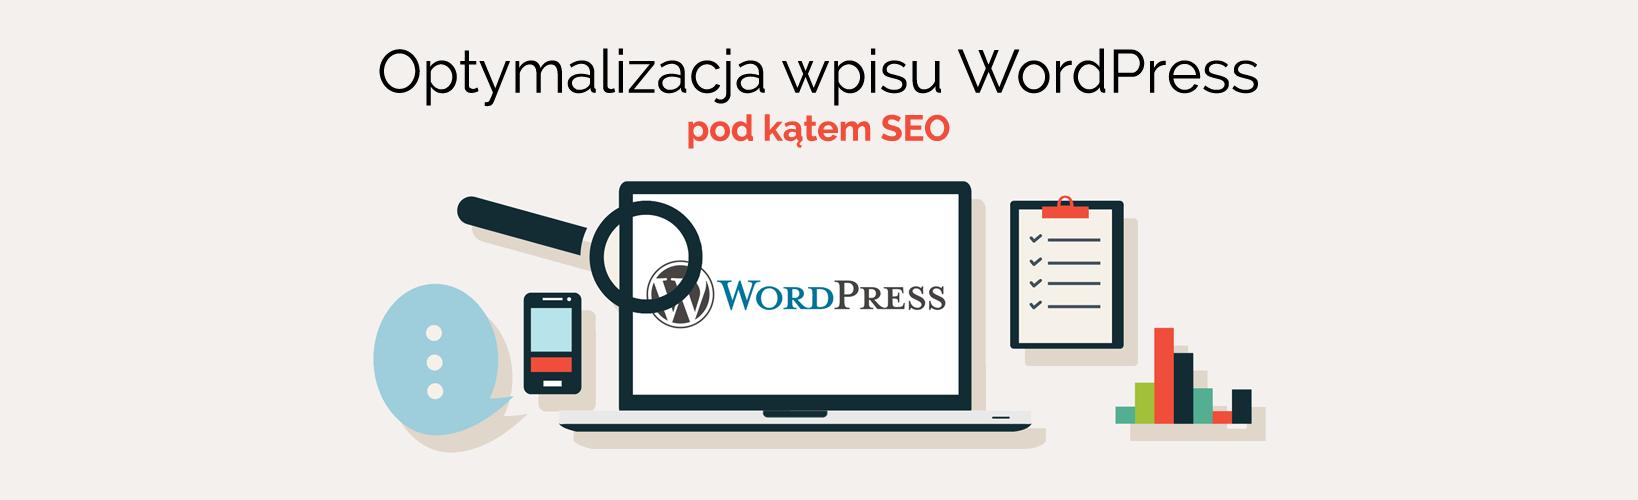 Optymalizacja wpisu WordPress pod kątem SEO